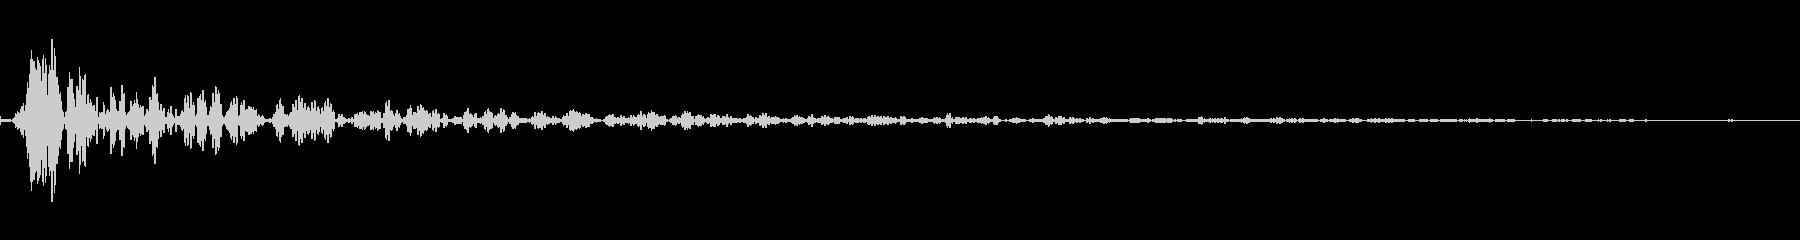 インパクトスリンキーサブクワッドTの未再生の波形